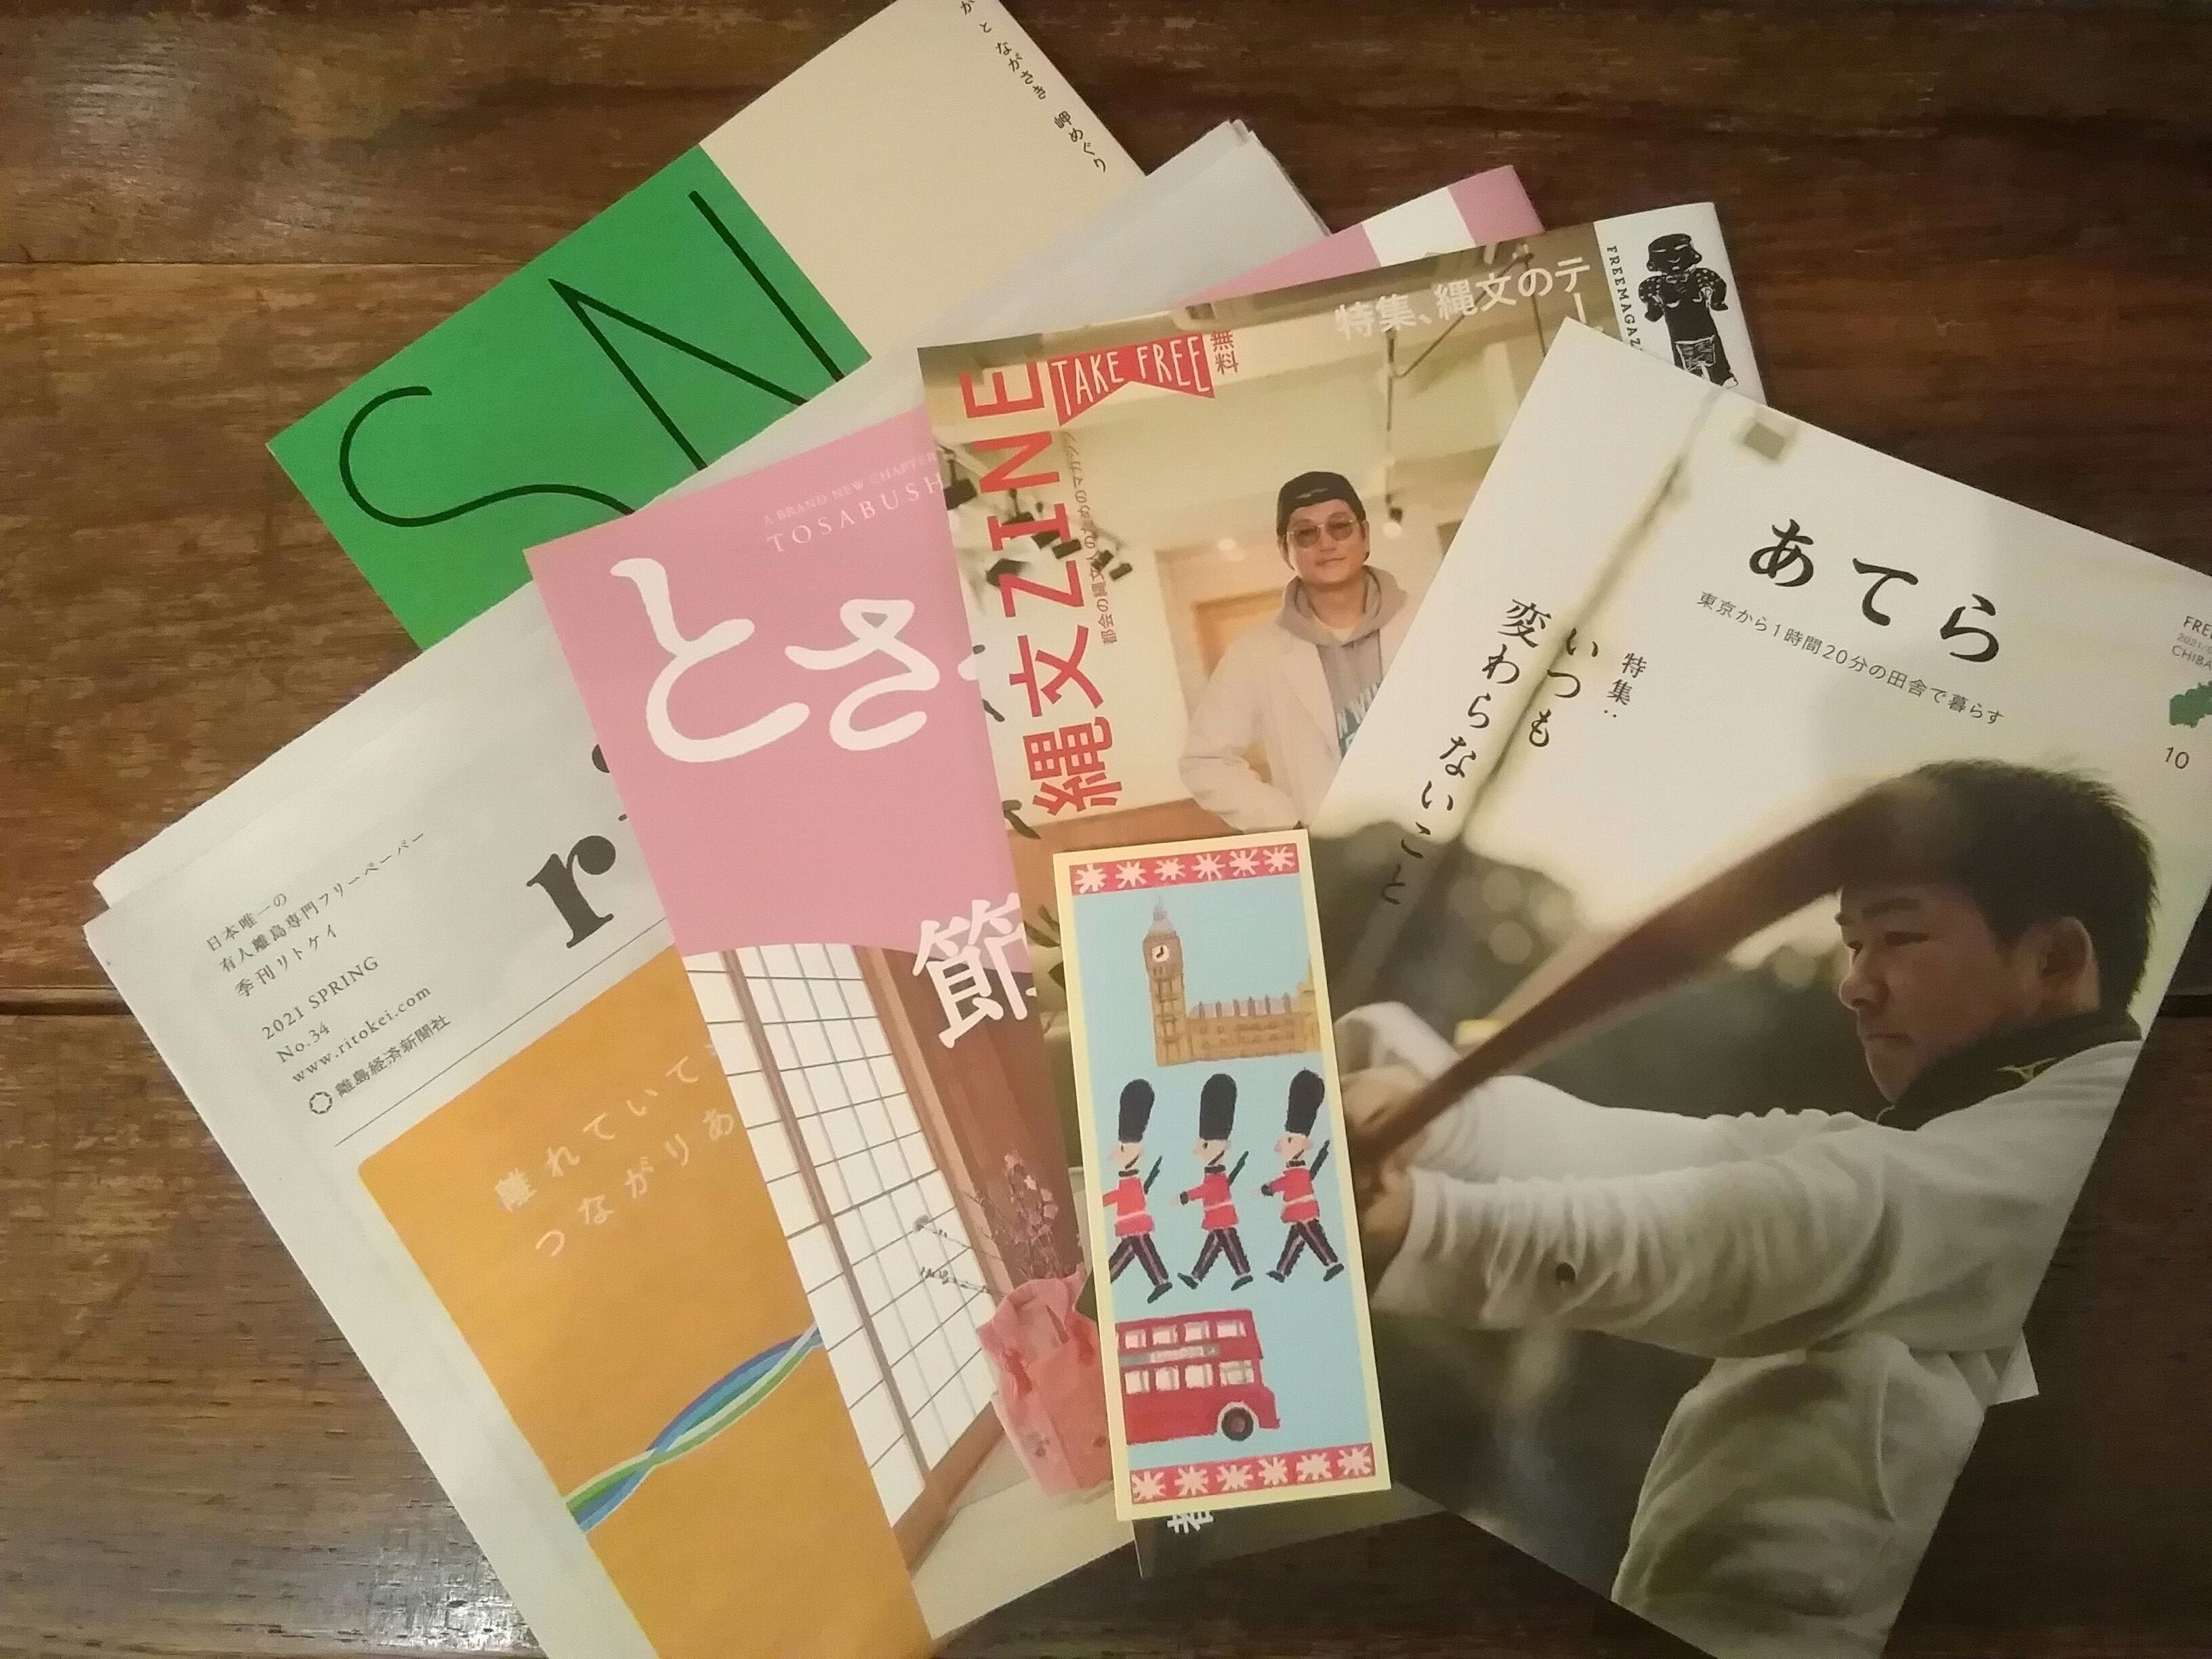 【キャンペーン実施のお知らせ】